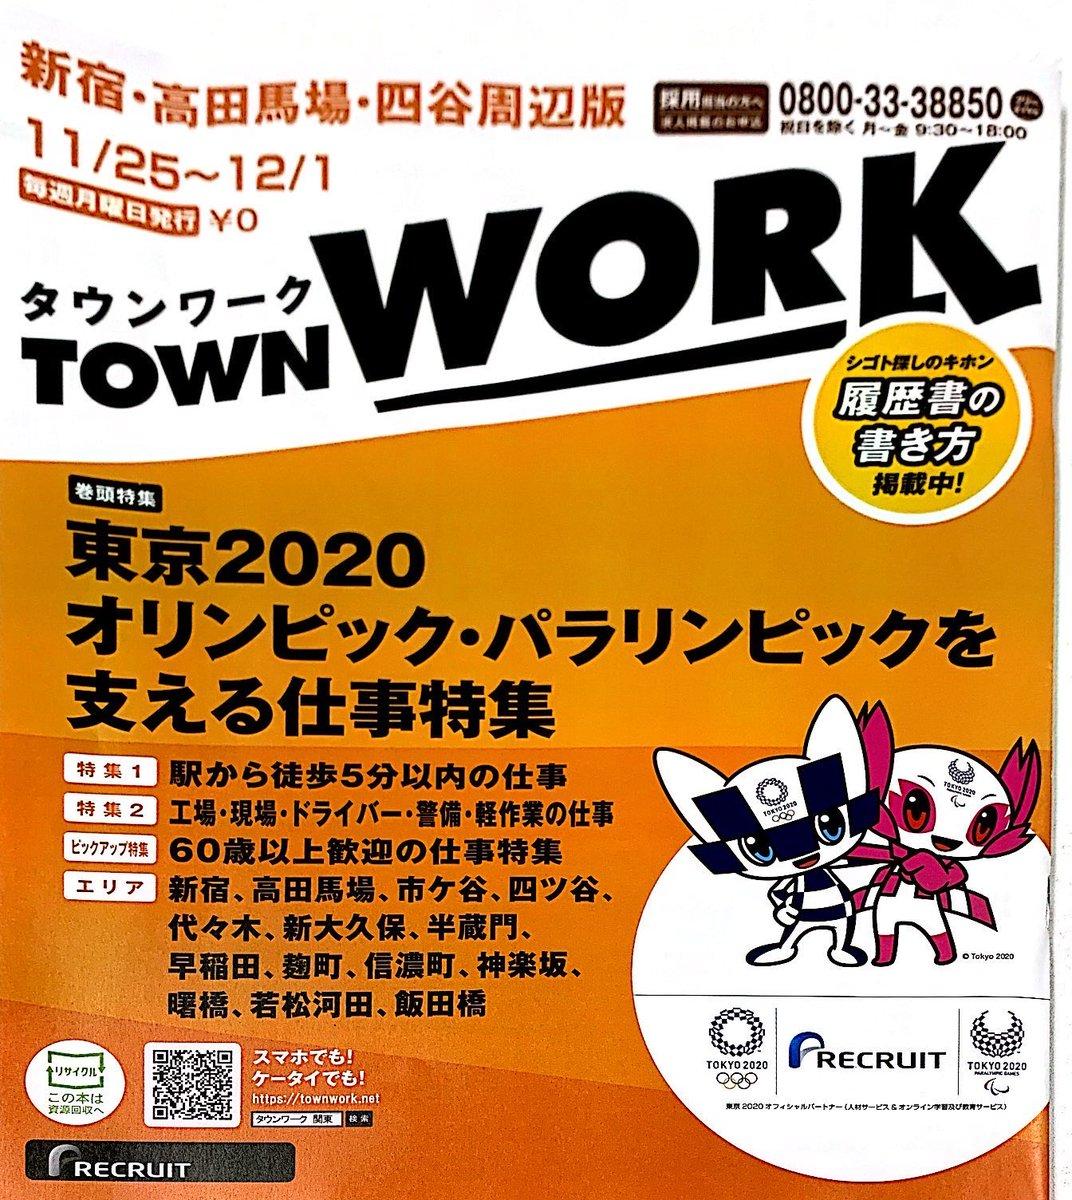 【パソナ】東京五輪、スタッフ募集 無償ボランティアの隣で時給1600円バイトが働く事態に